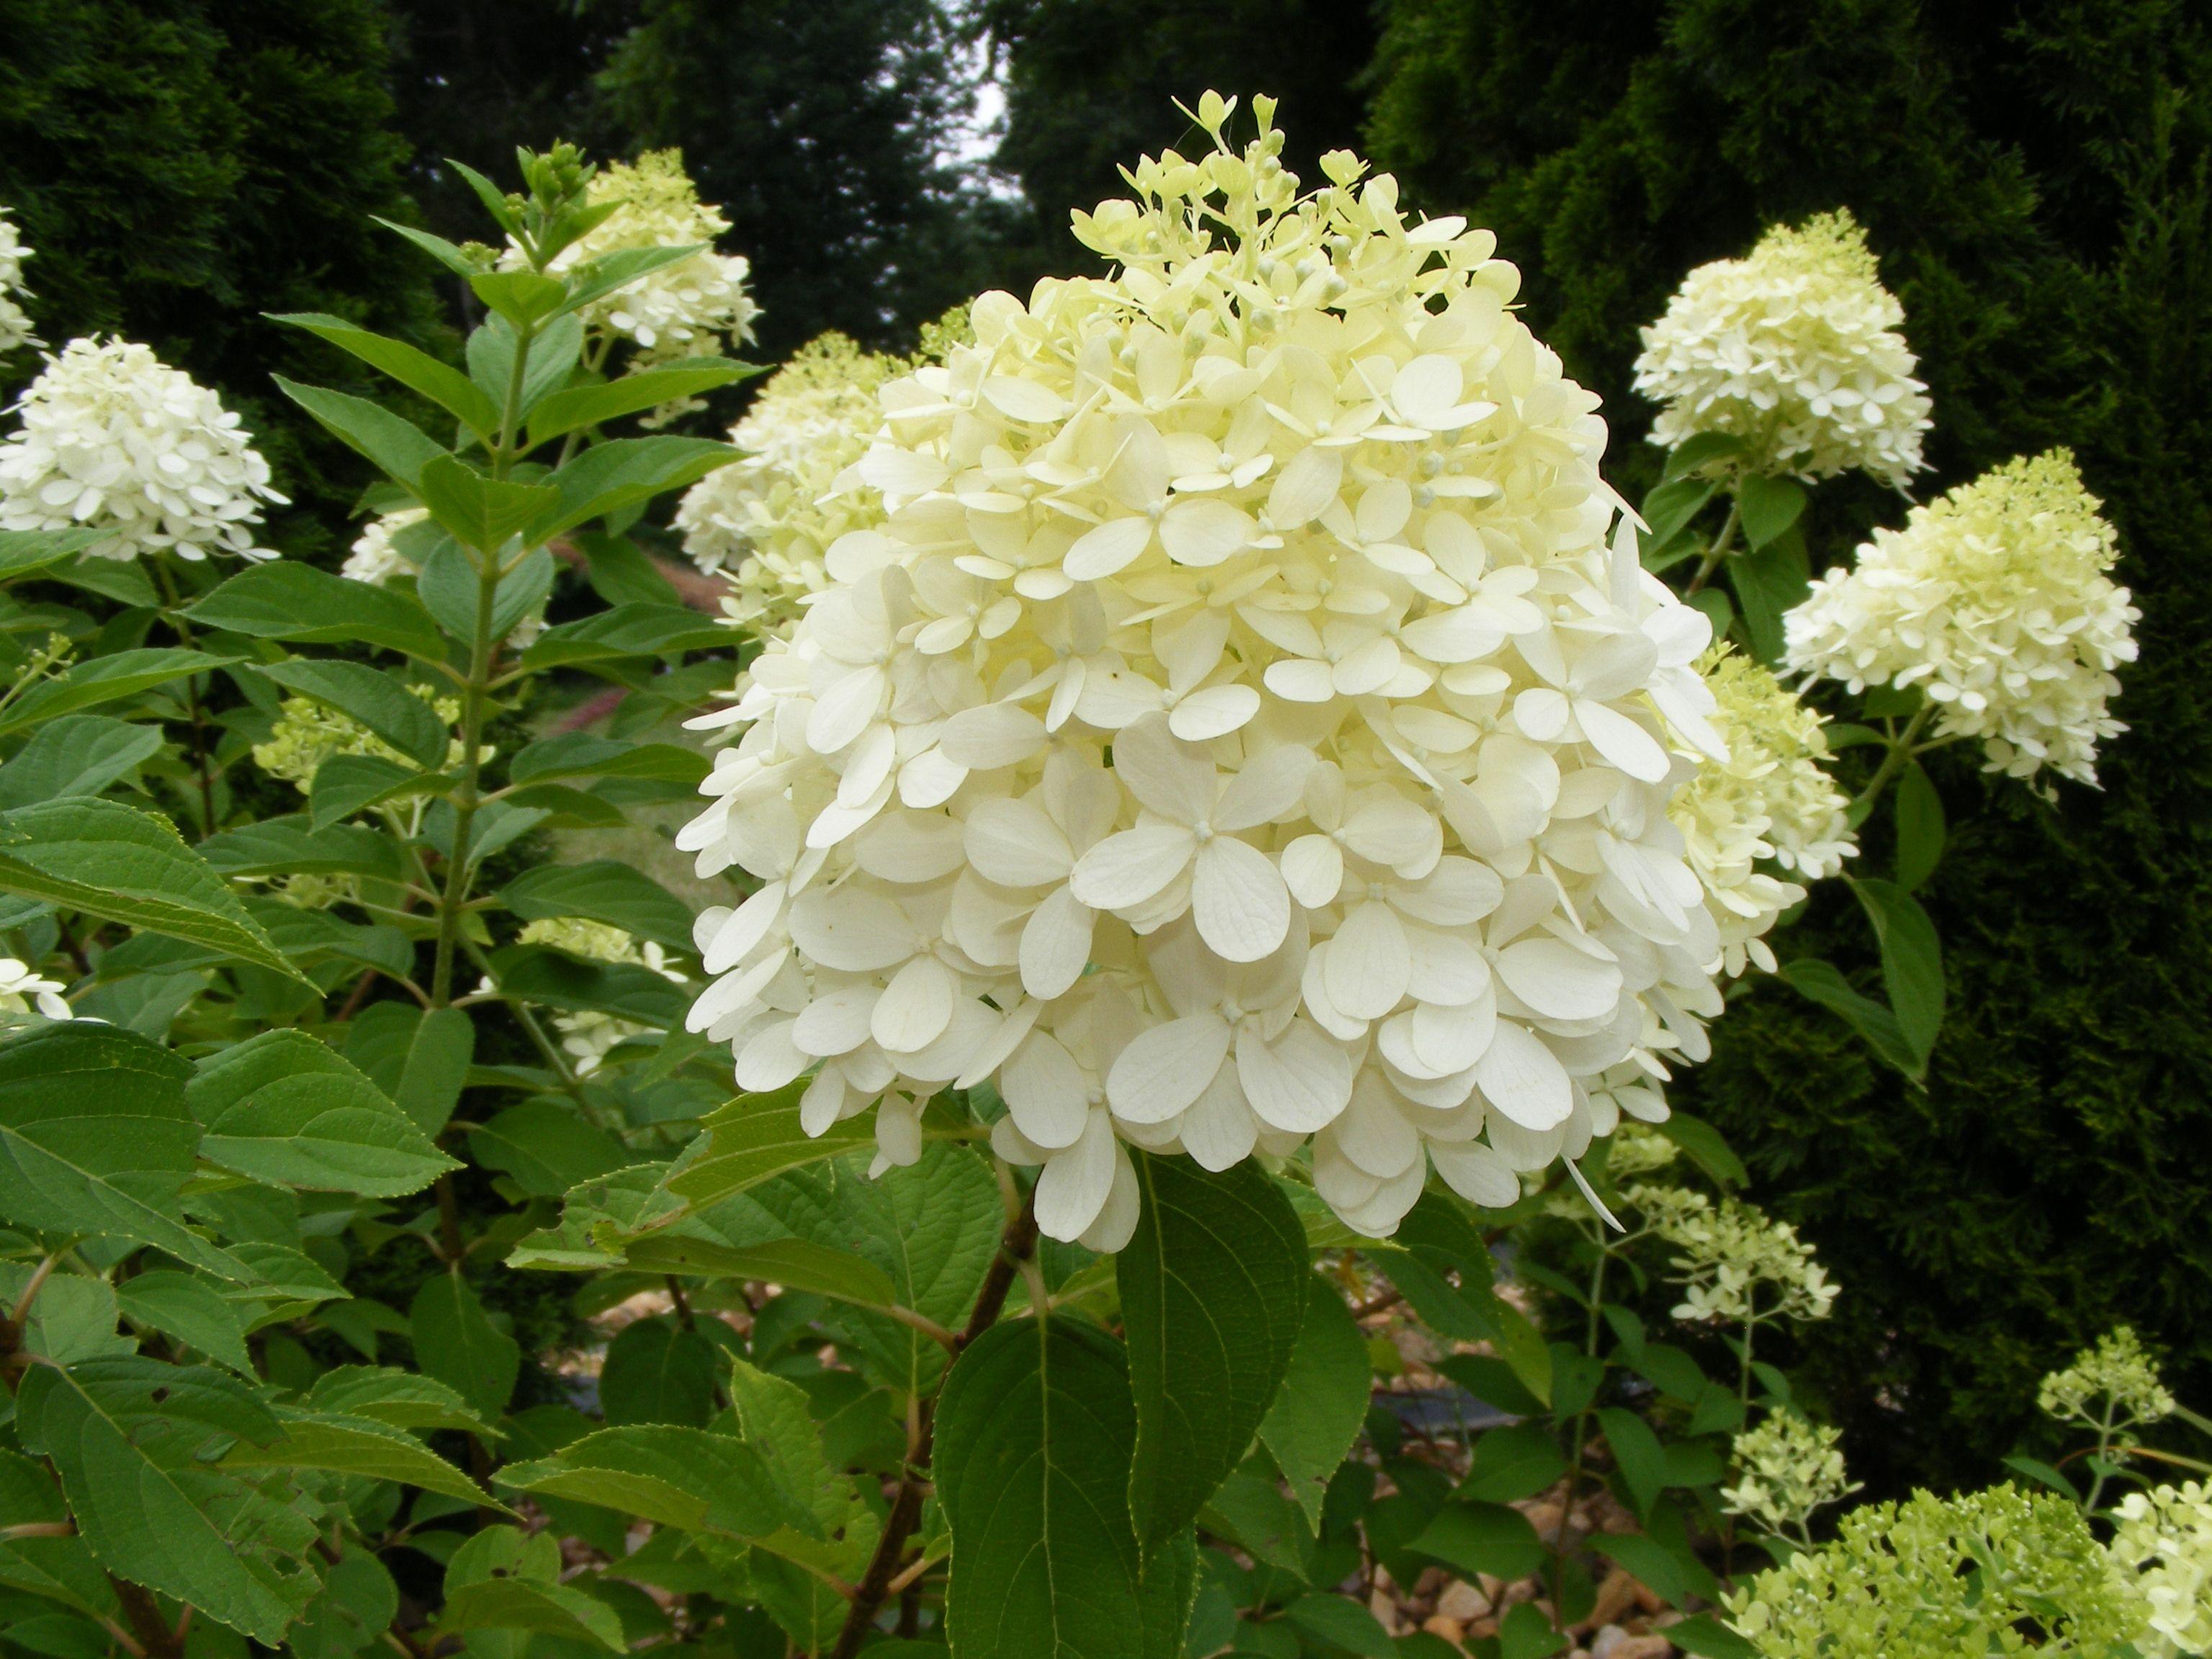 Limelight hydrangea gardening pinterest for Limelight hydrangea